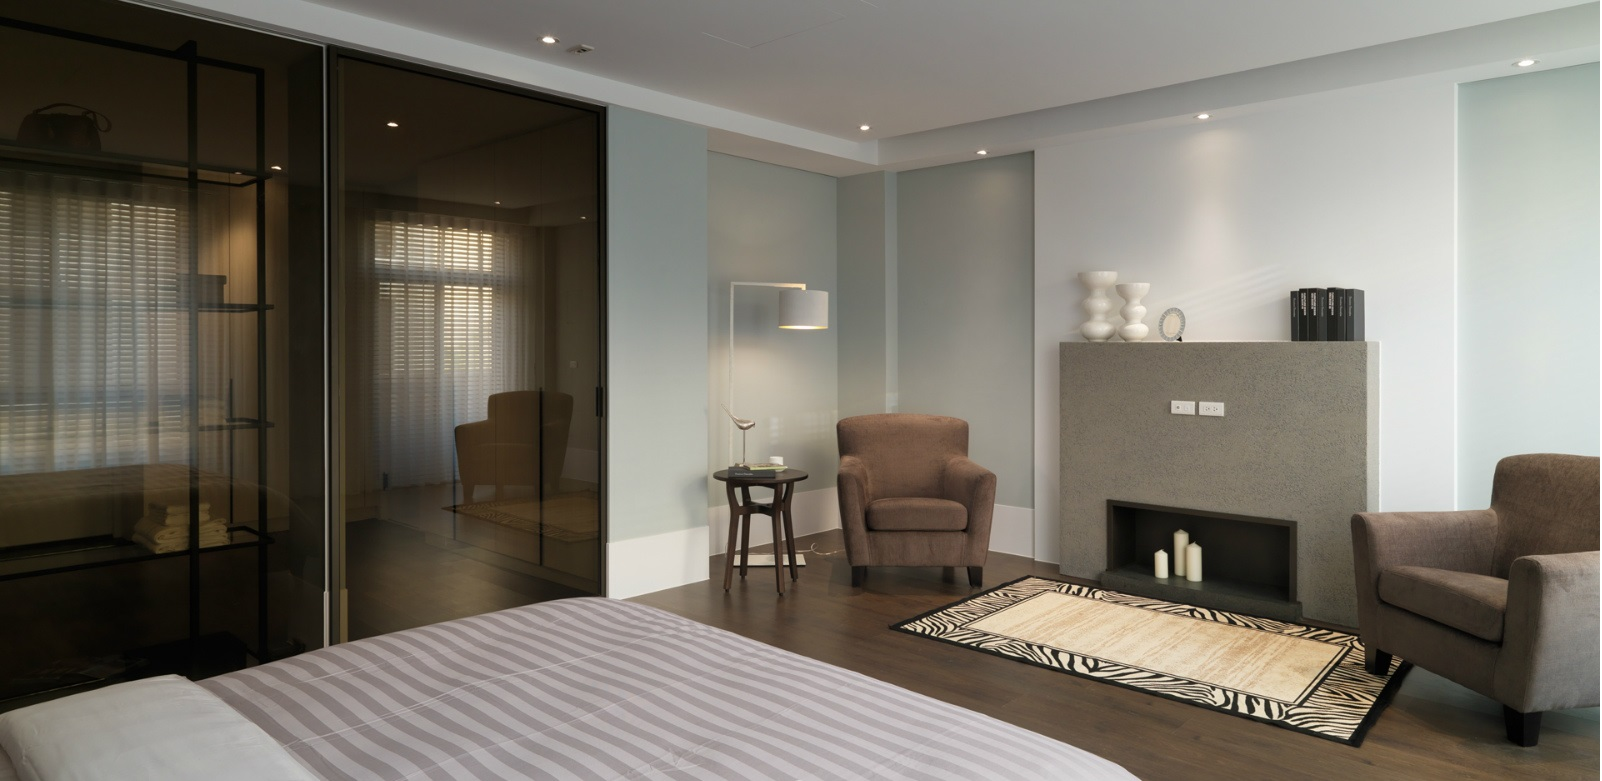 简约大卧室设计效果图